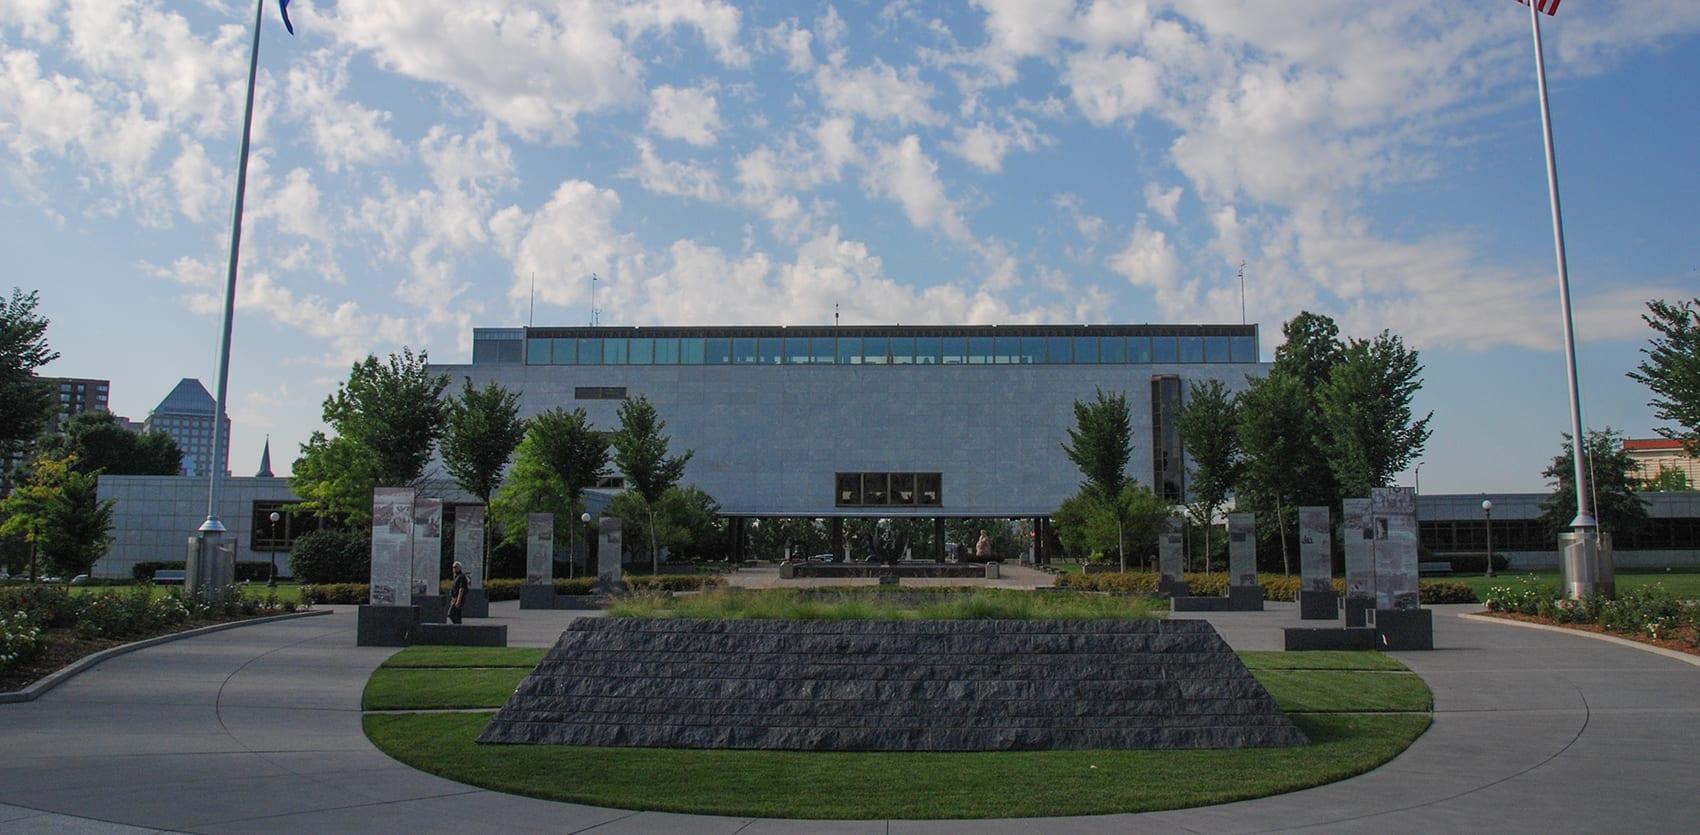 WWII Veterans Memorial Park